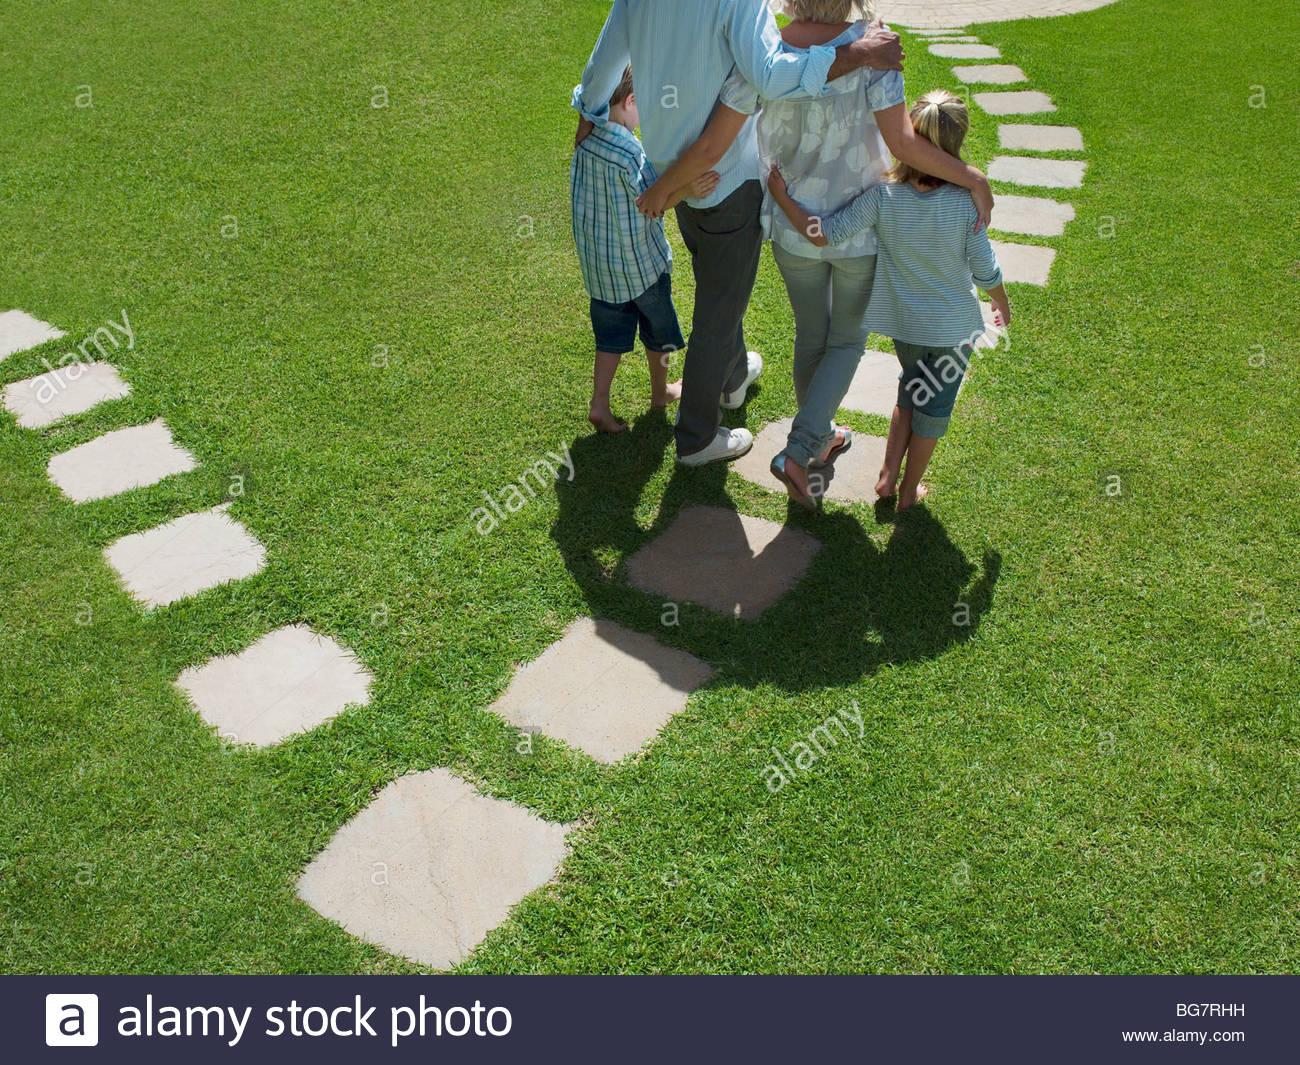 Balades en famille sur des pierres dans l'herbe Photo Stock